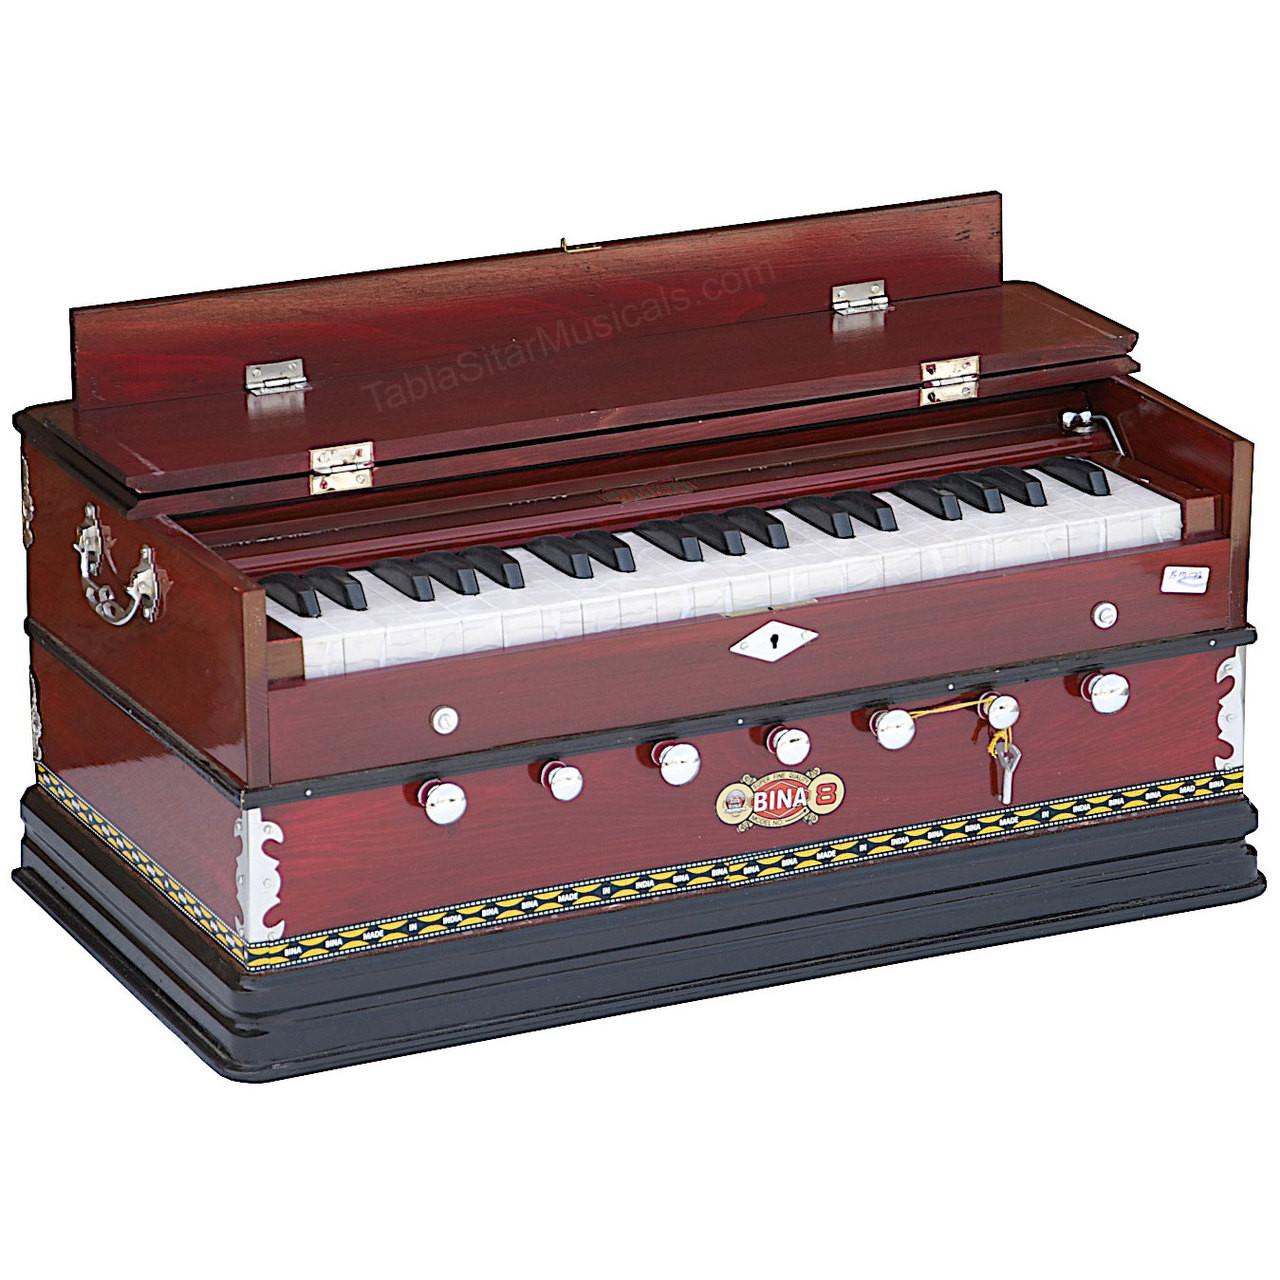 BINA no  8 Harmonium, 2 Reeds, 3 25 Octaves, 7 Stops, Coupler, 39 Keys - 174